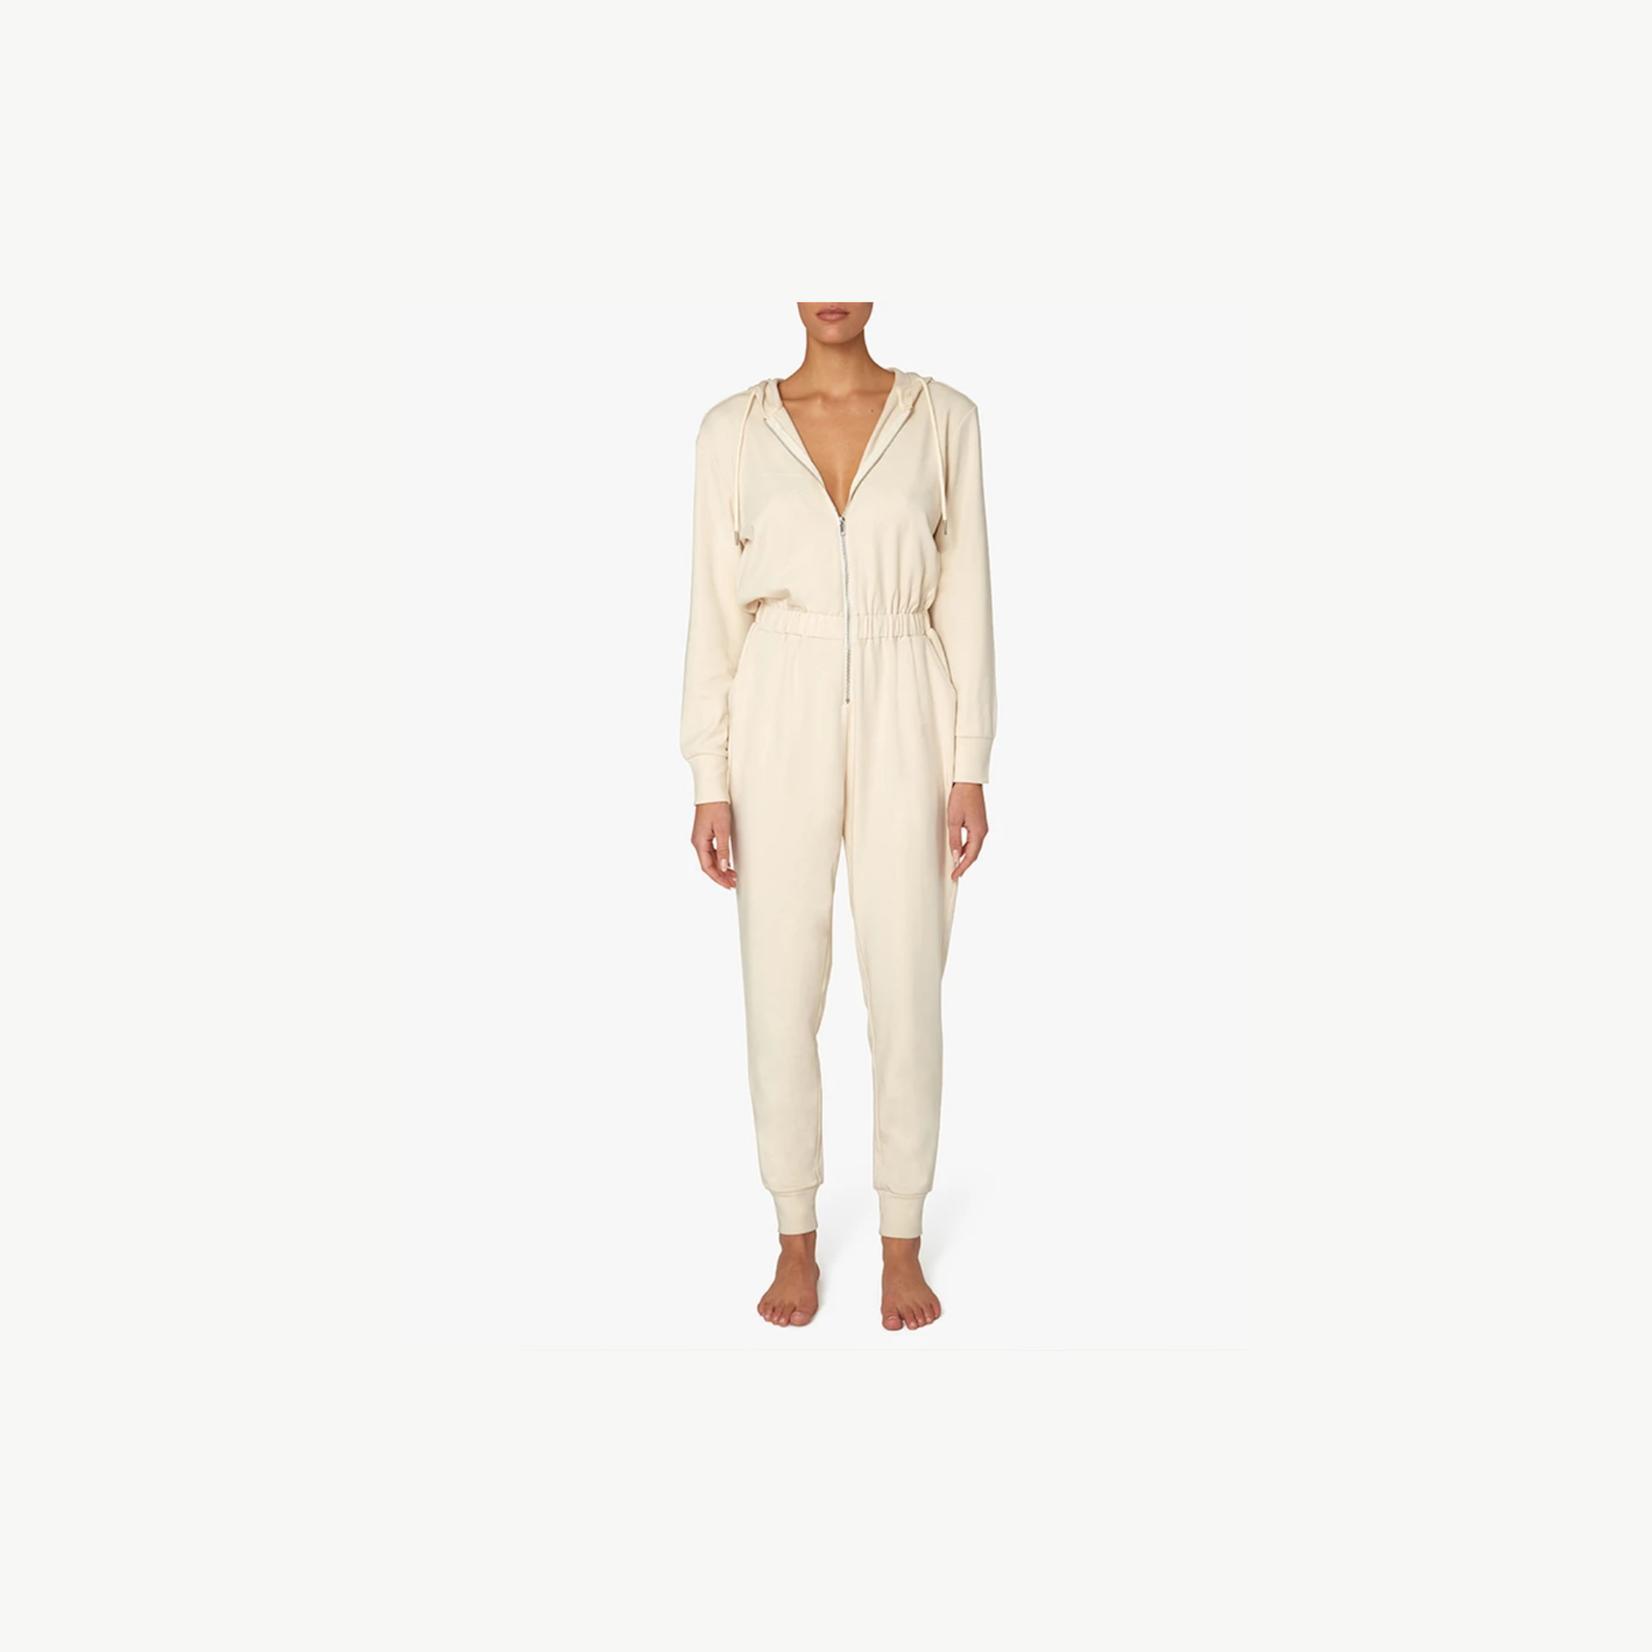 Shop WeWoreWhat Leisure Suit Cream